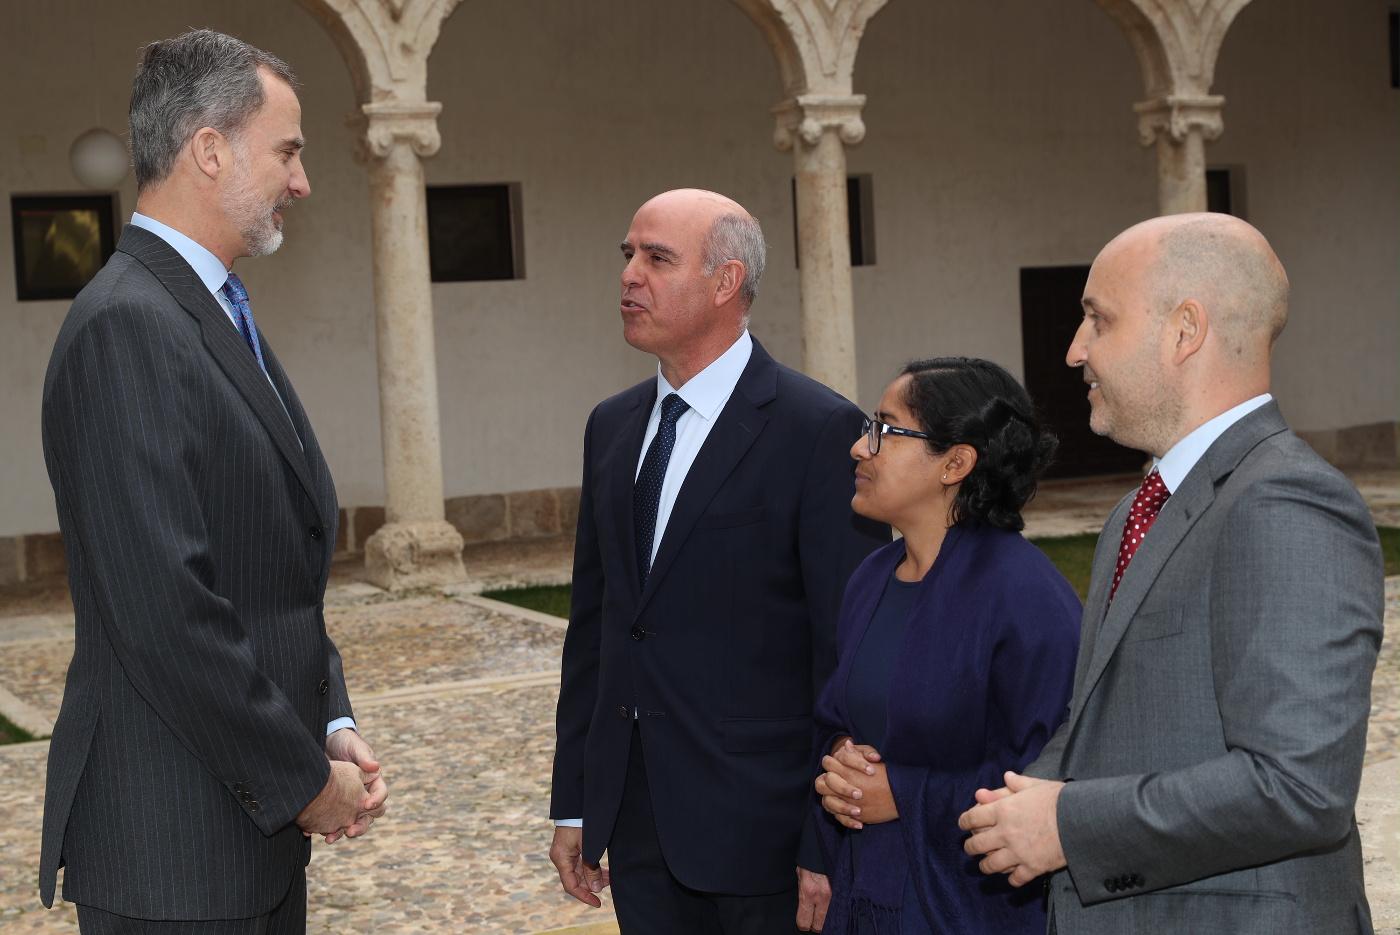 ACOES Hondures premi rei espanya